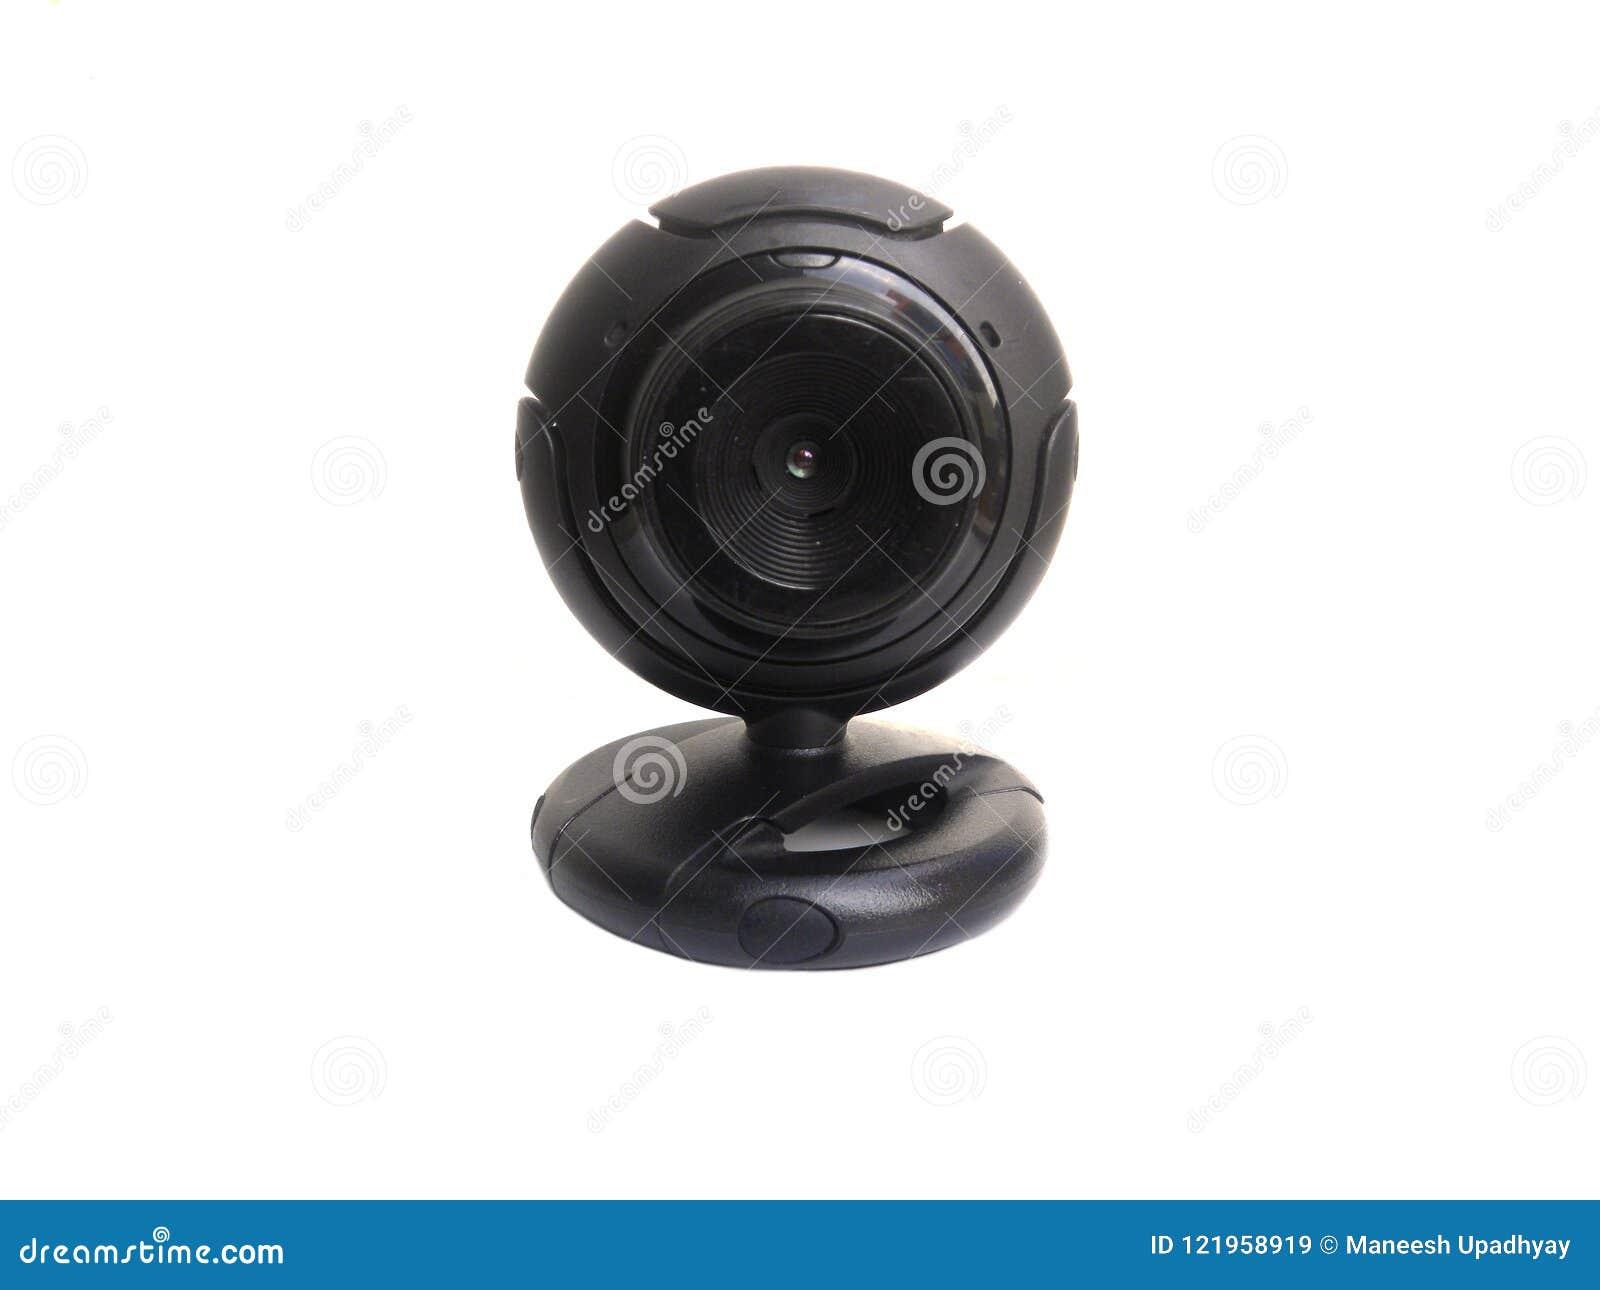 Black small webcam